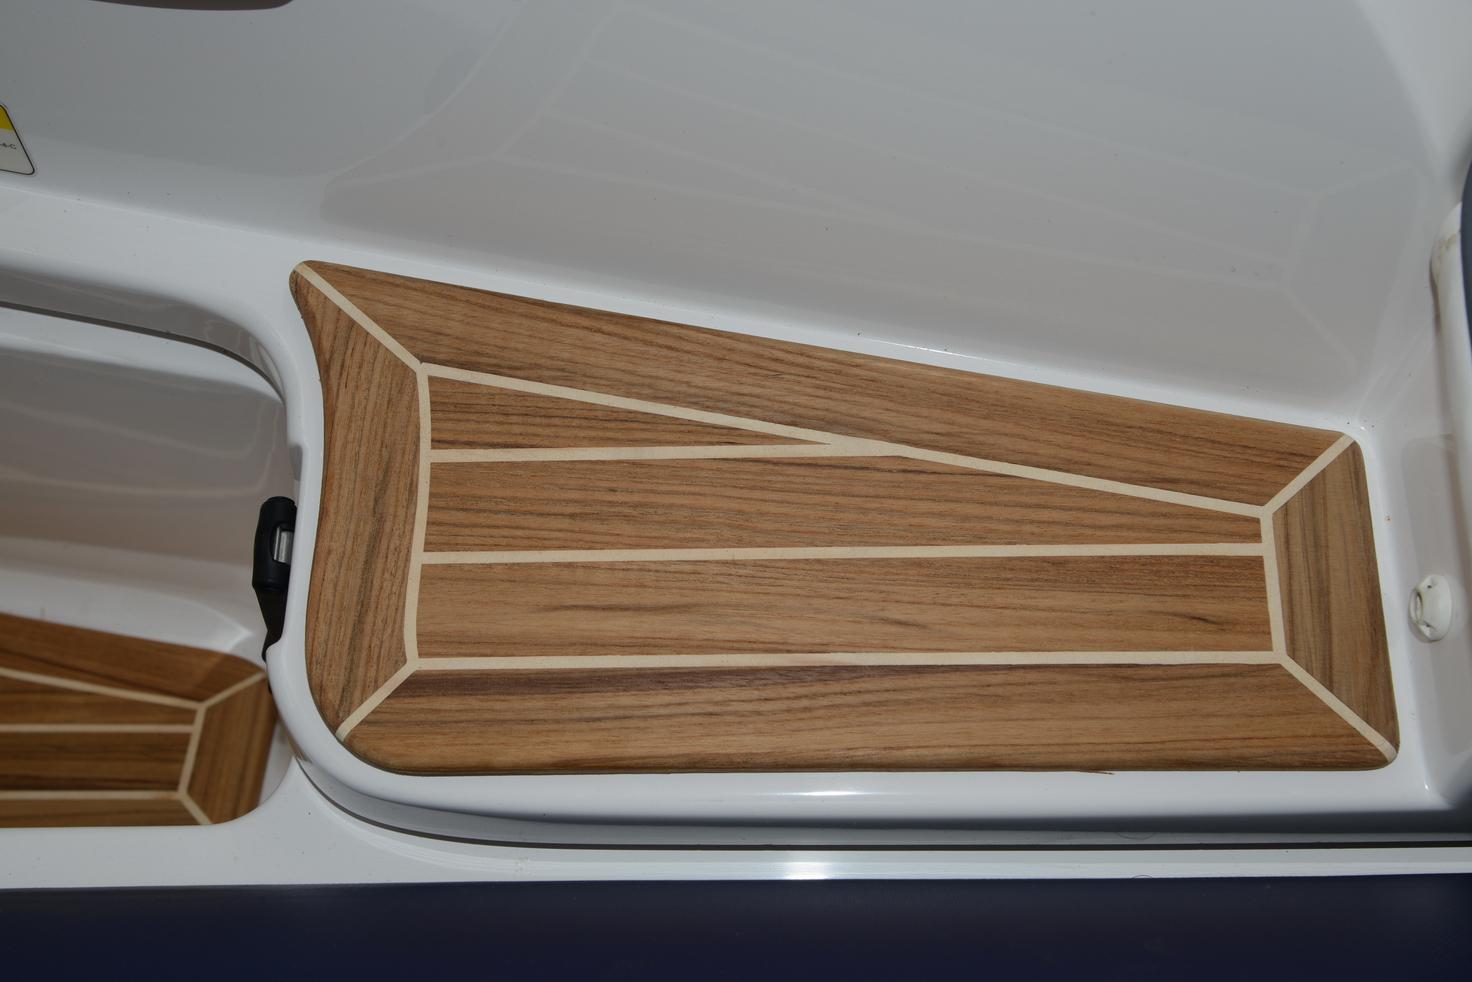 Williams Turbojet 285 tender kit 6 pezzi legno teak NEWS  eBay